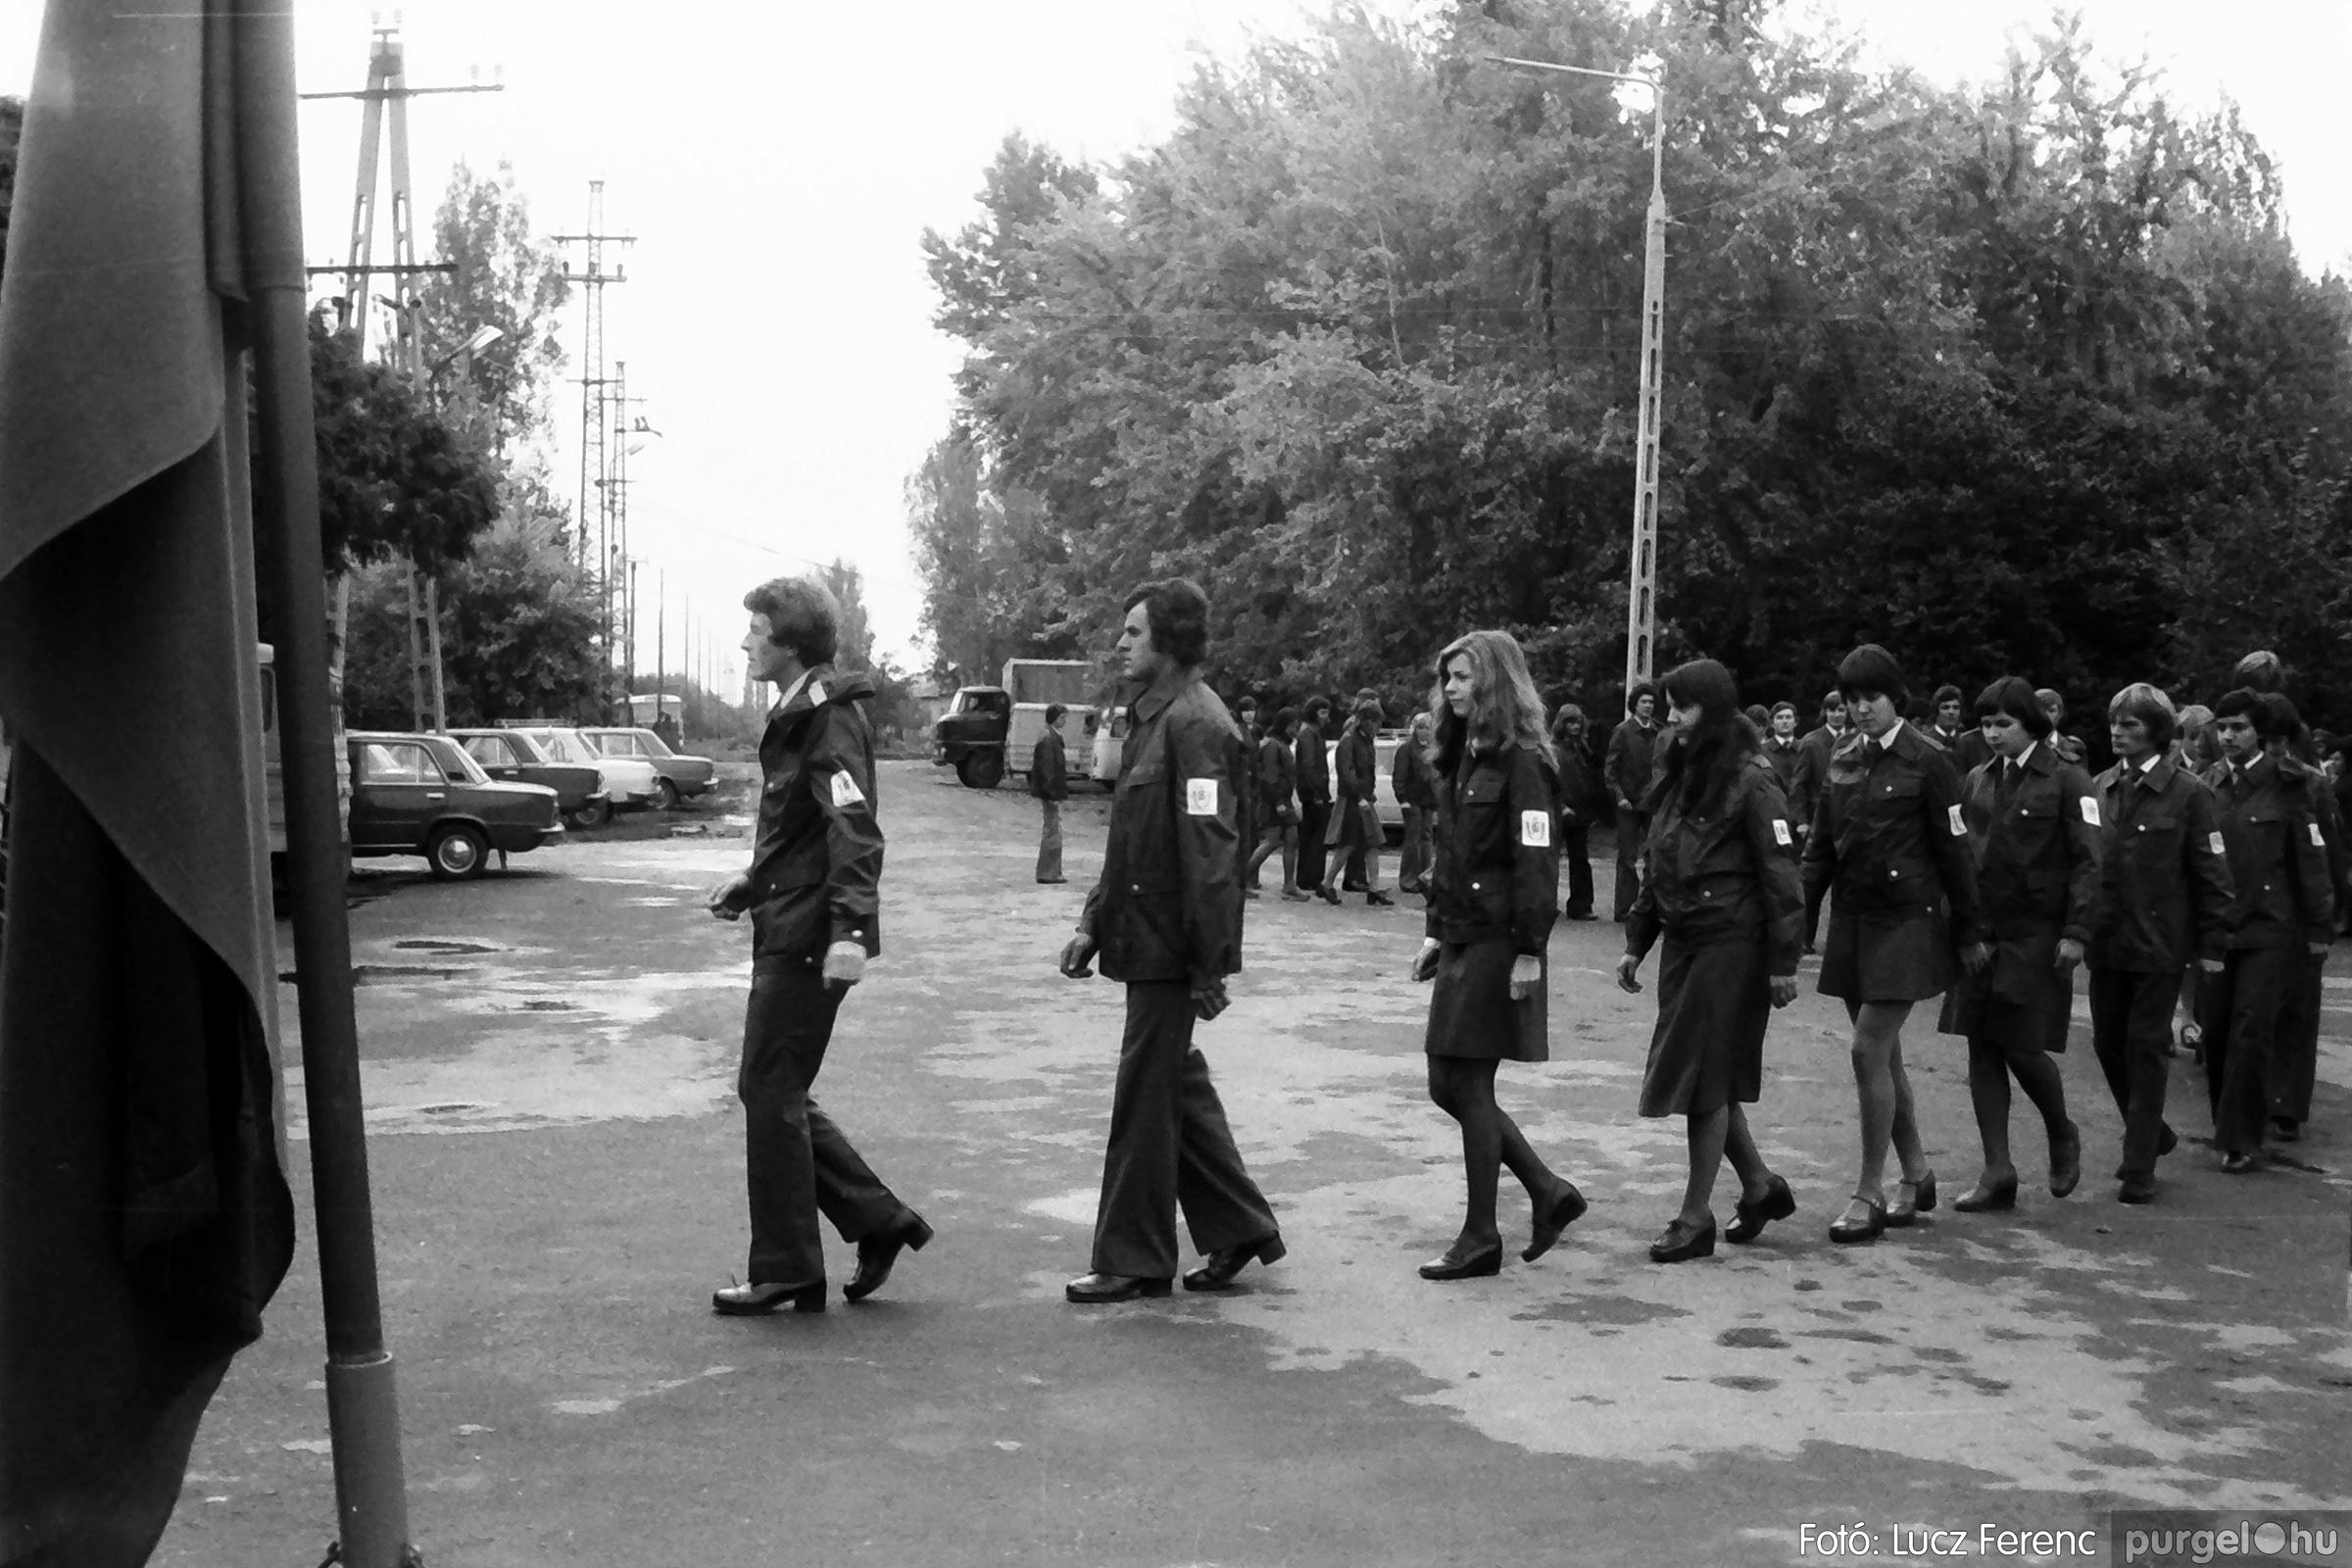 090. 1977. Úttörő gárda - ifjú gárda seregszemle 025. - Fotó: Lucz Ferenc.jpg